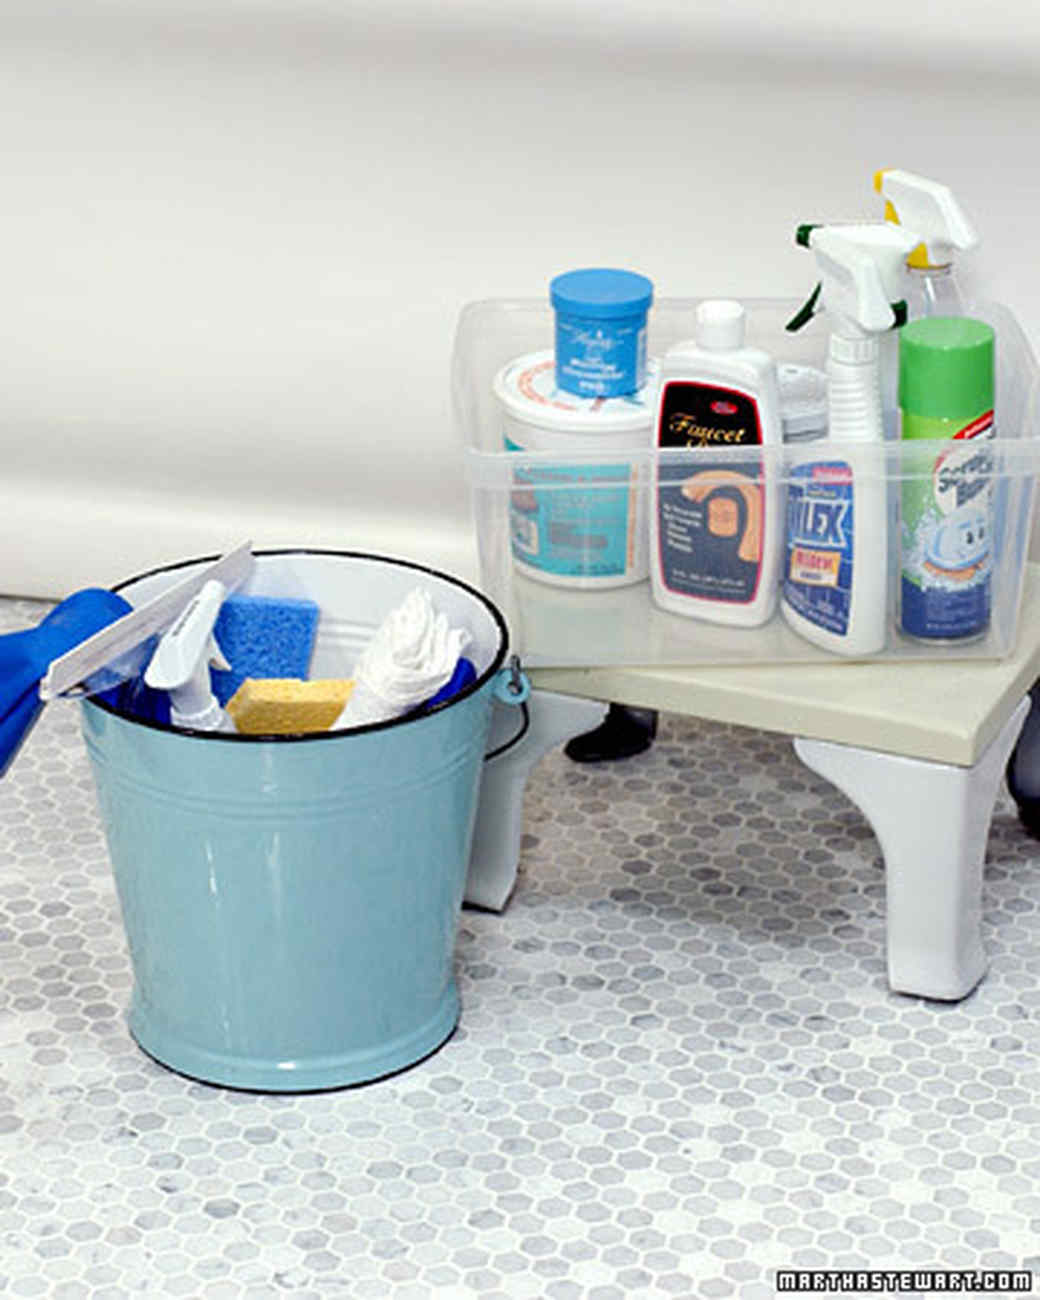 Make bathroom cleaner - Prevent Bathtub Rings